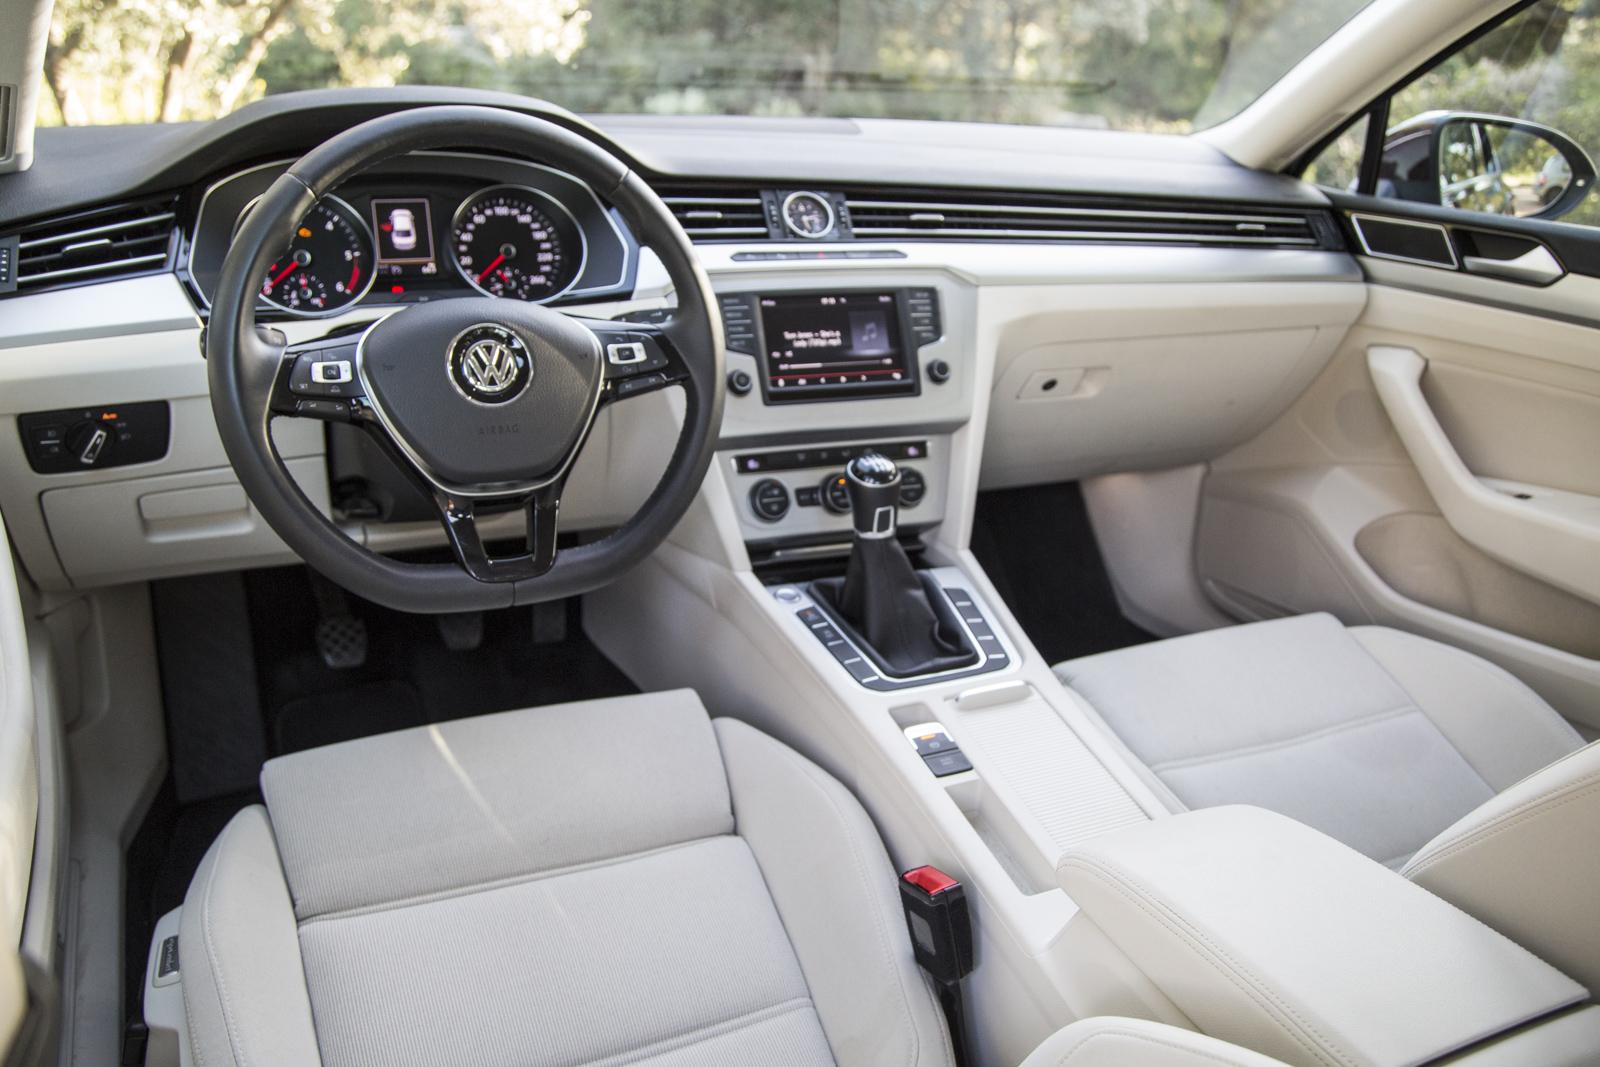 Test_Drive_VW_Passat_1.6_TDI_37